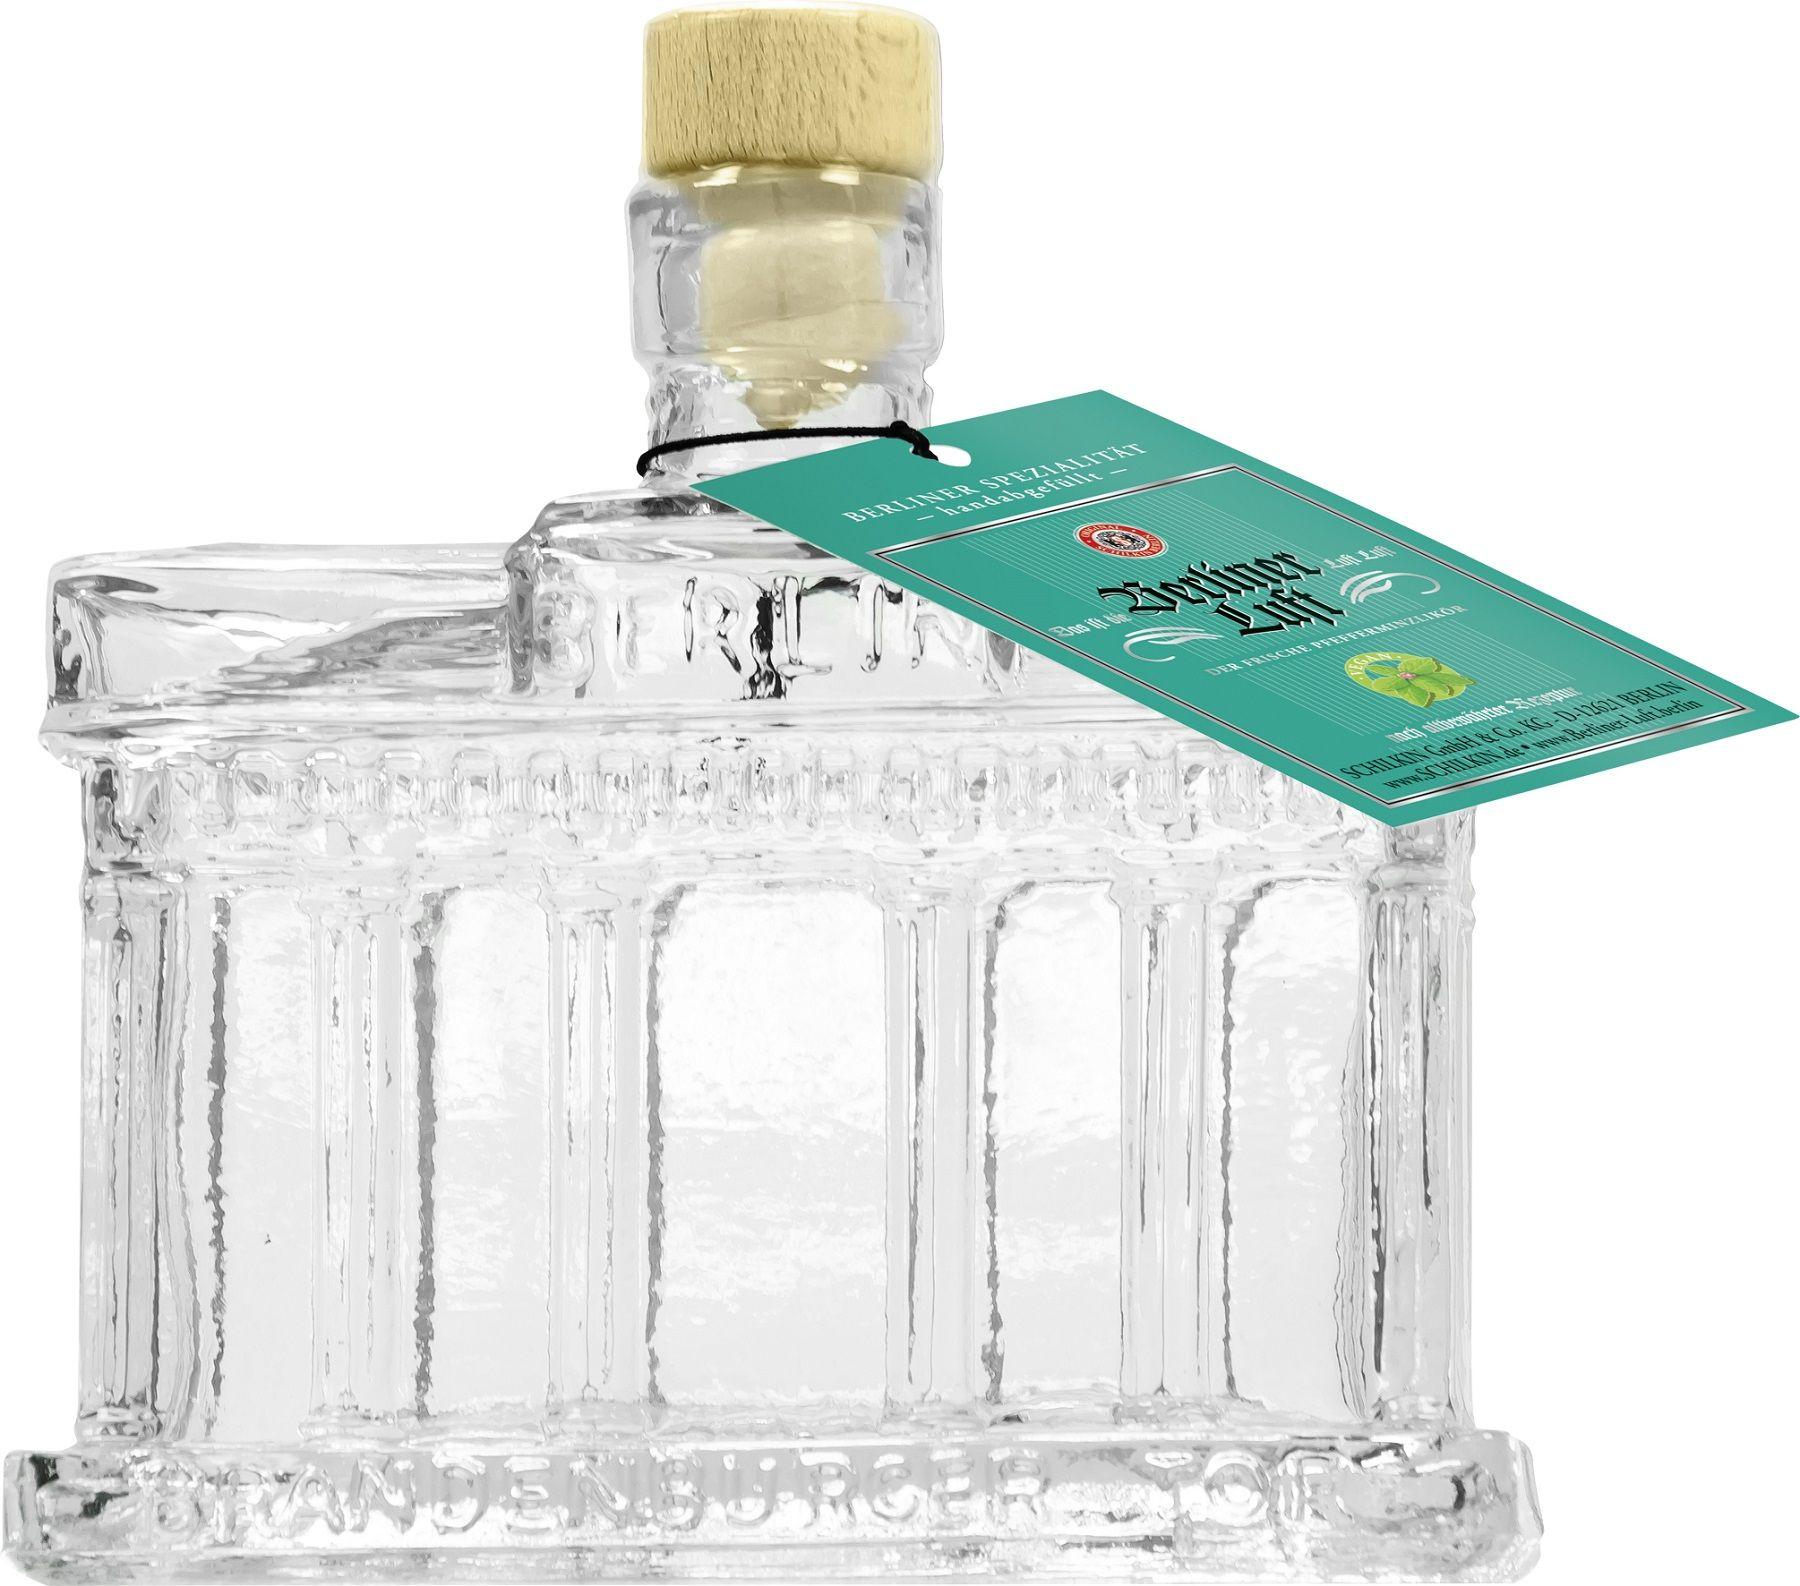 Berliner Luft Peppermint Schnapps Brandenburg Gate Bottle